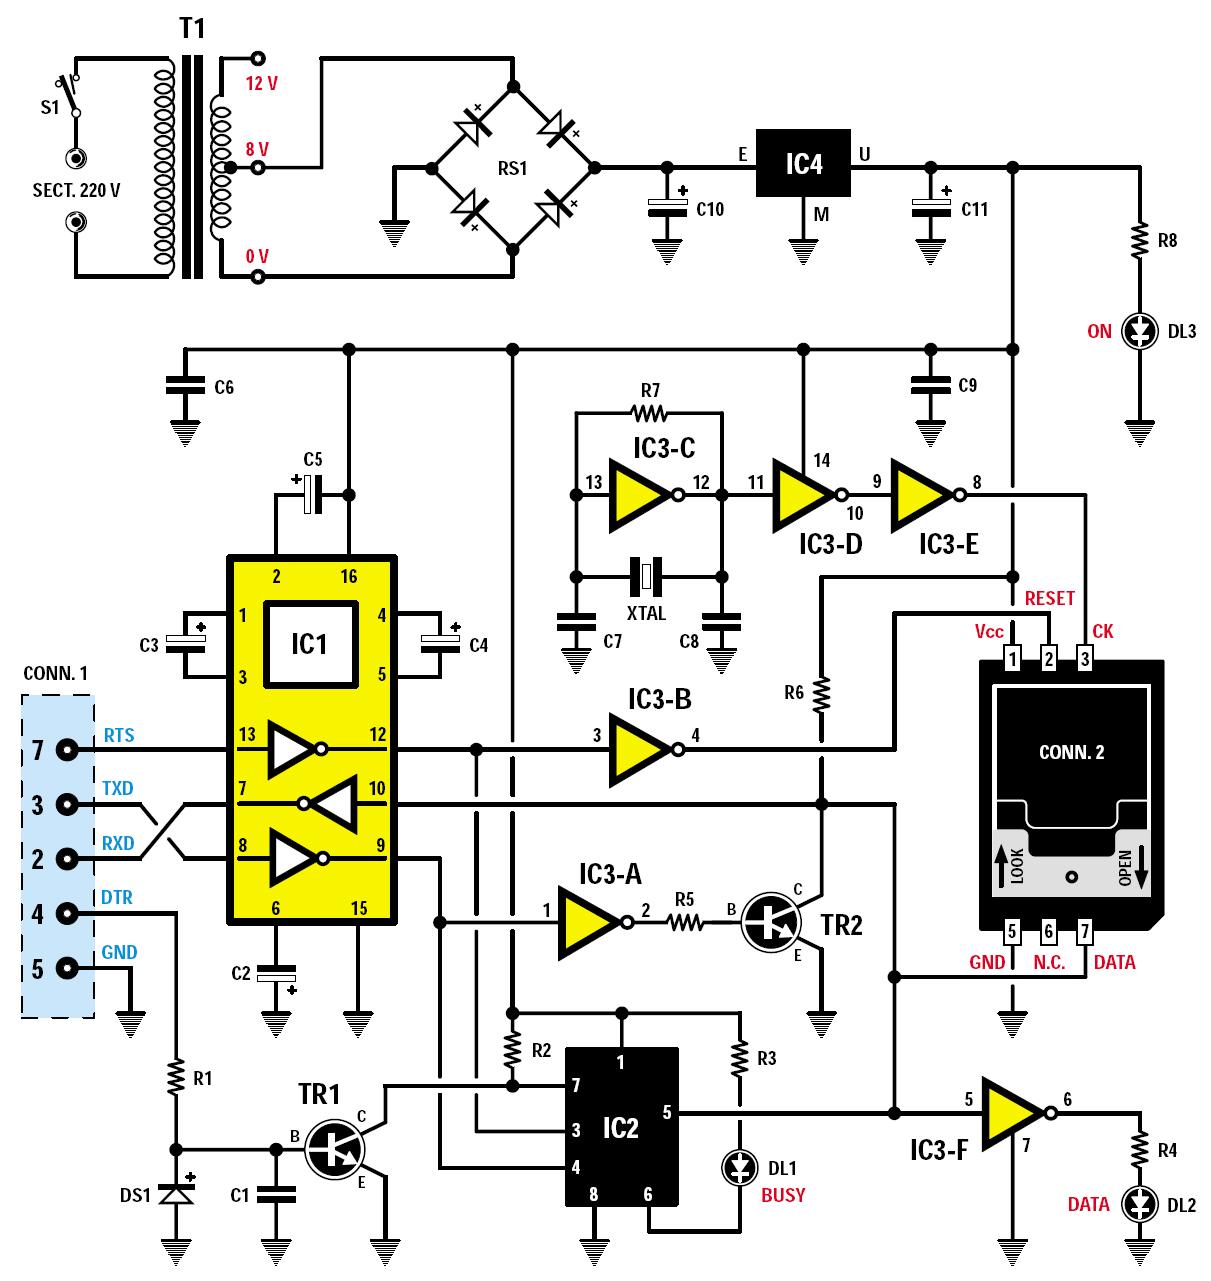 un lecteur enregistreur de cartes sim schema electronique net. Black Bedroom Furniture Sets. Home Design Ideas